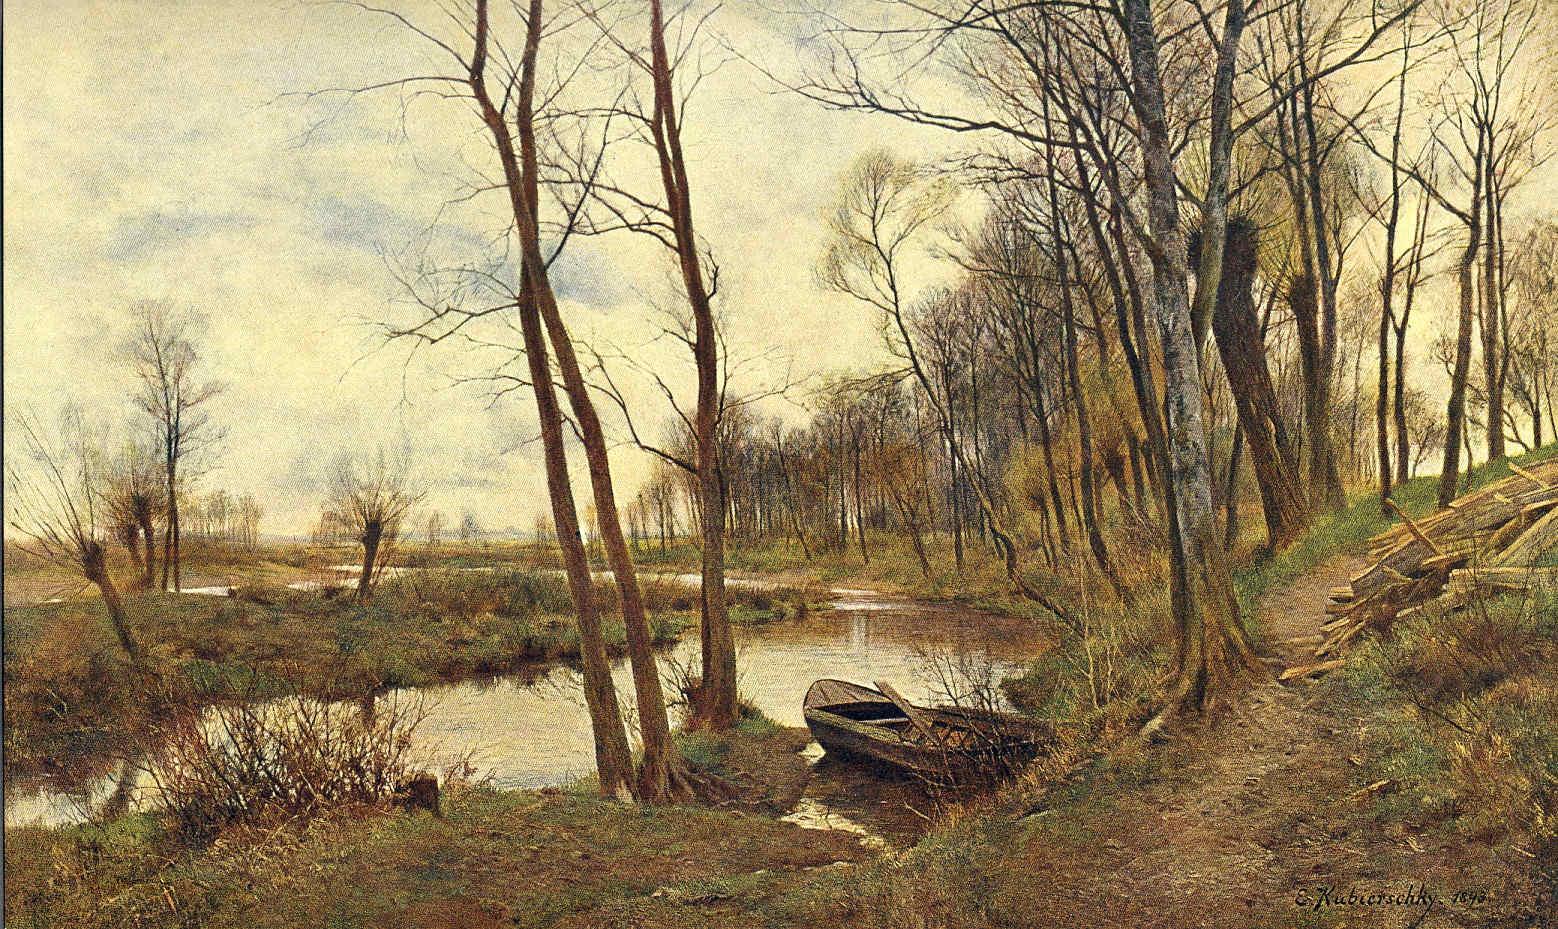 Pintores de paisaje olvidados y 2